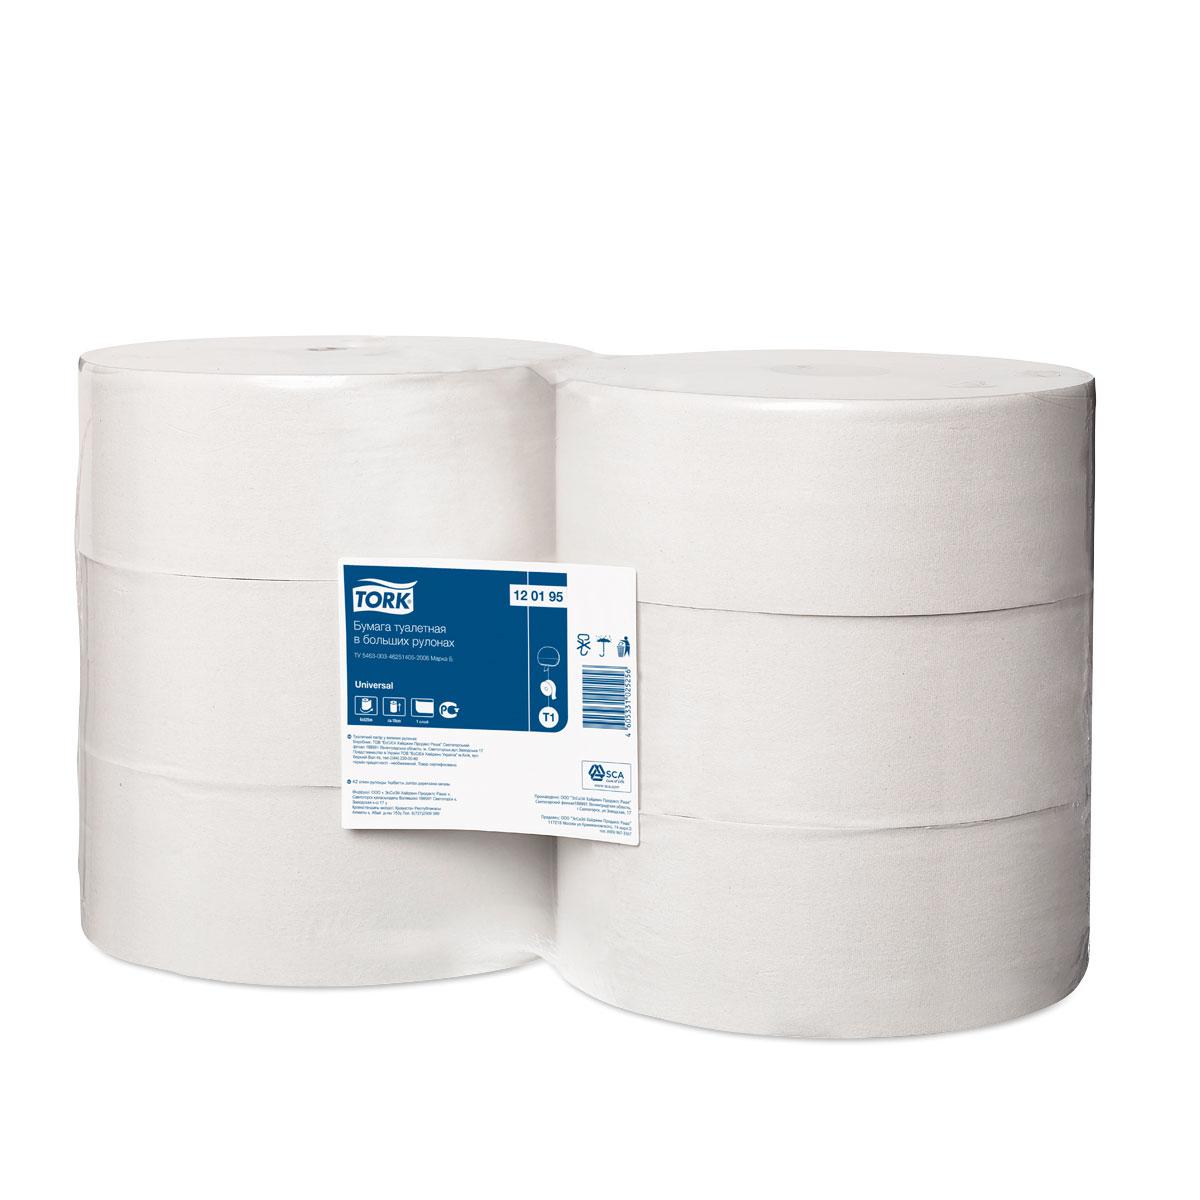 Бумага туалетная  Tork , однослойная, 6 рулонов. 120095 - Полезные аксессуары